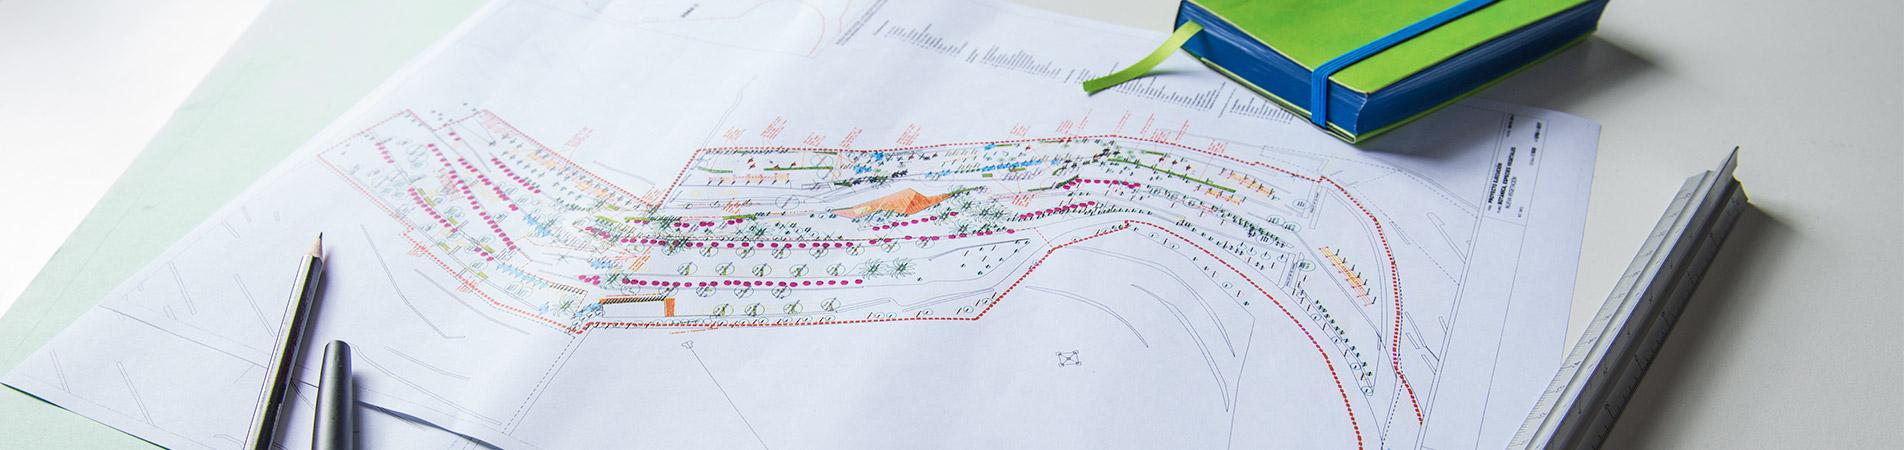 Fragmento de una de la mesa de trabajo de intejardin con mapa del parque de las mesas, escalimetro, lapiz, boli y agenda